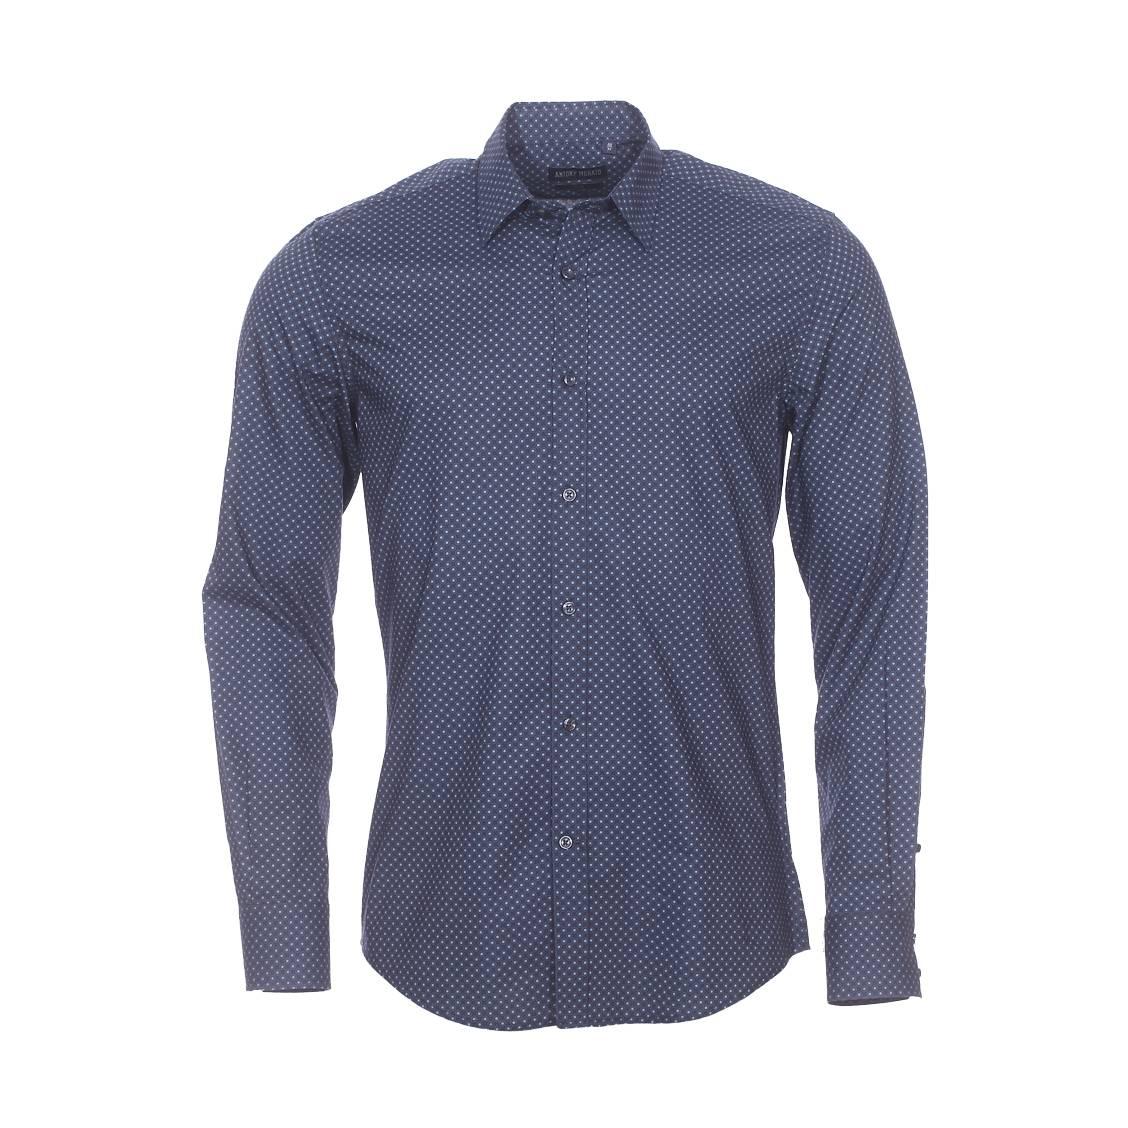 Chemise cintrée Antony Morato en coton bleu marine à pois bleu clair